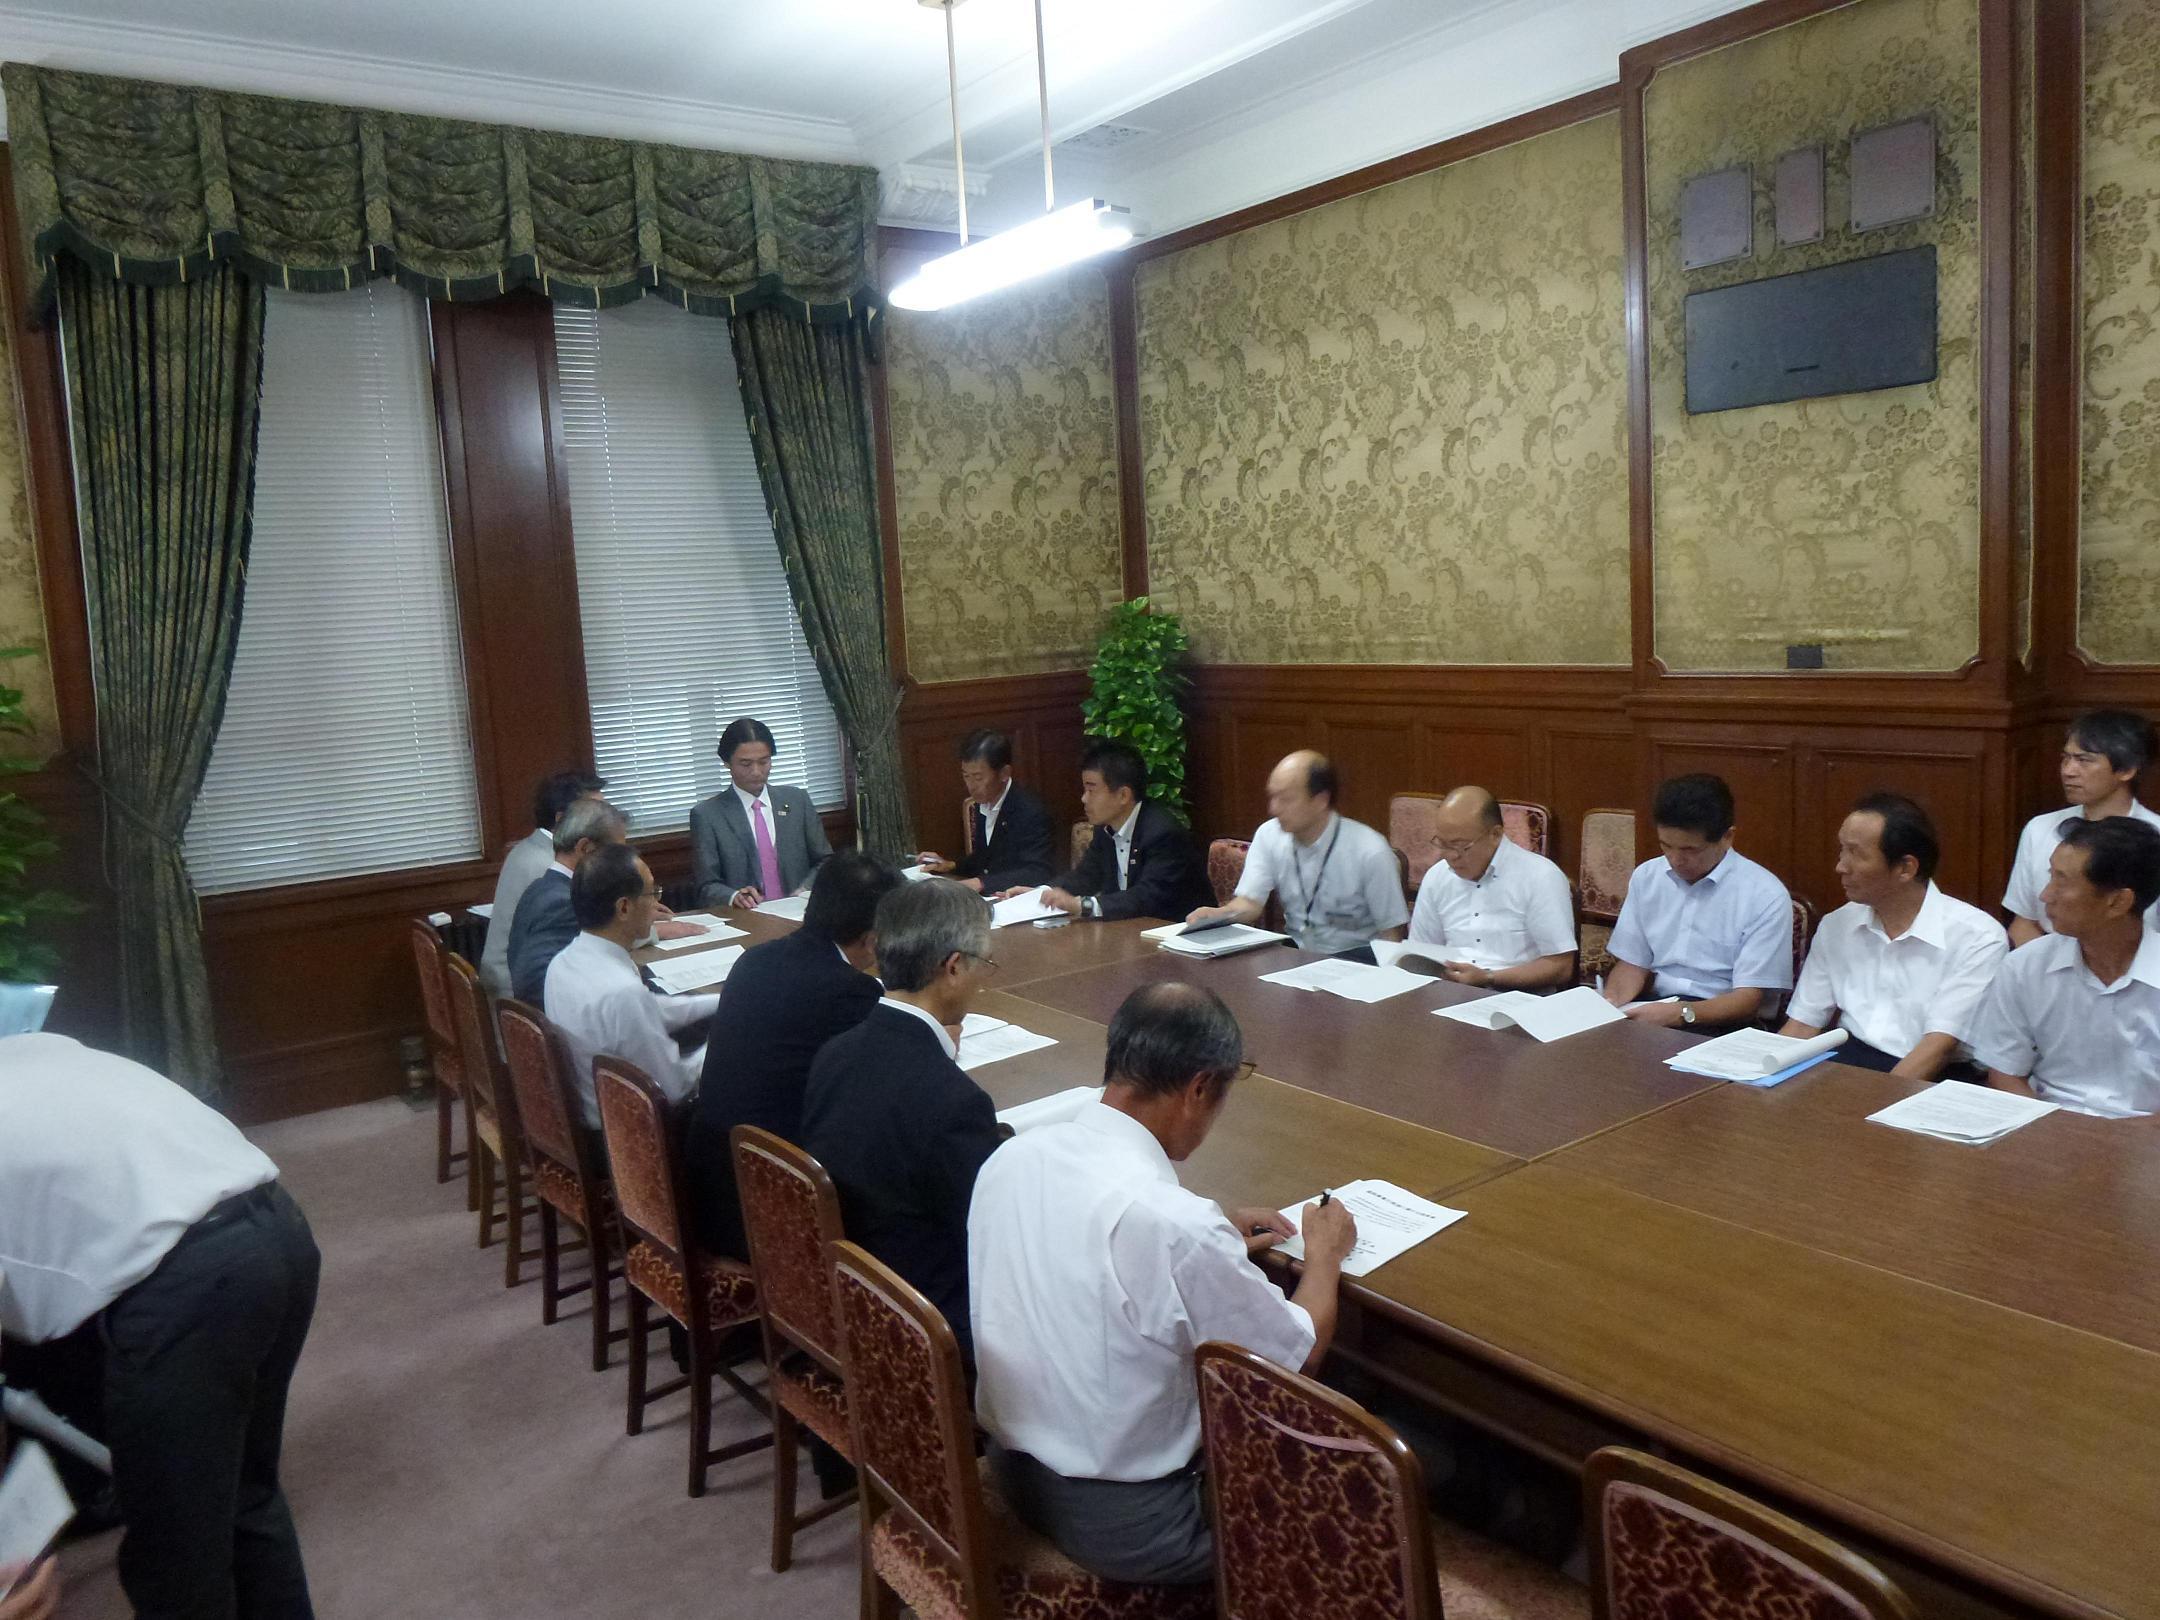 滋賀県道路協会等民主党要望